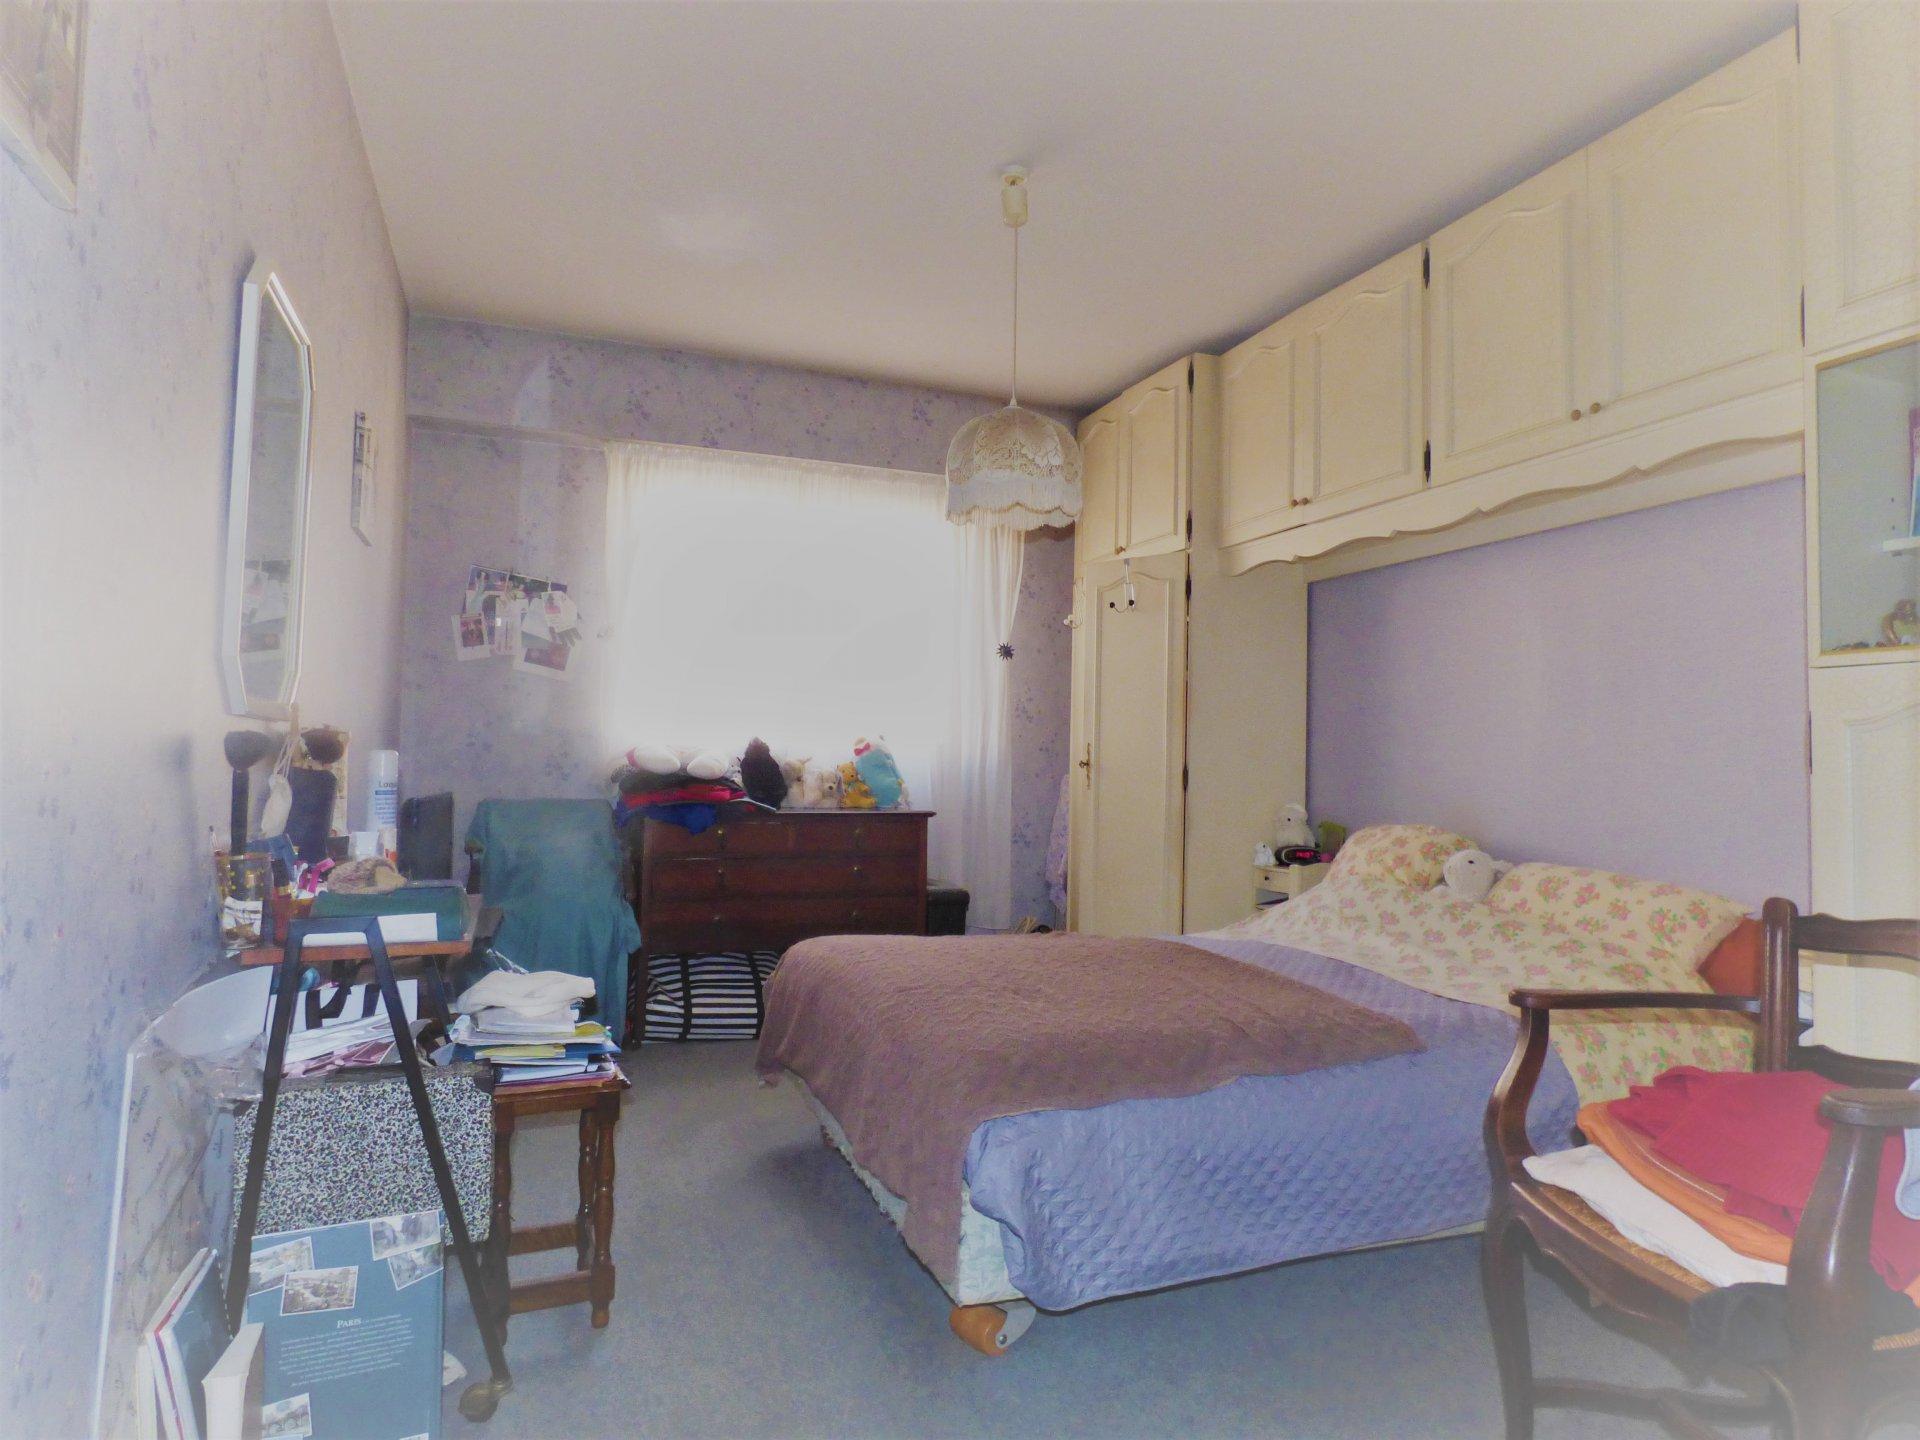 Vallauris, centrum maar rustig, 2 kamer